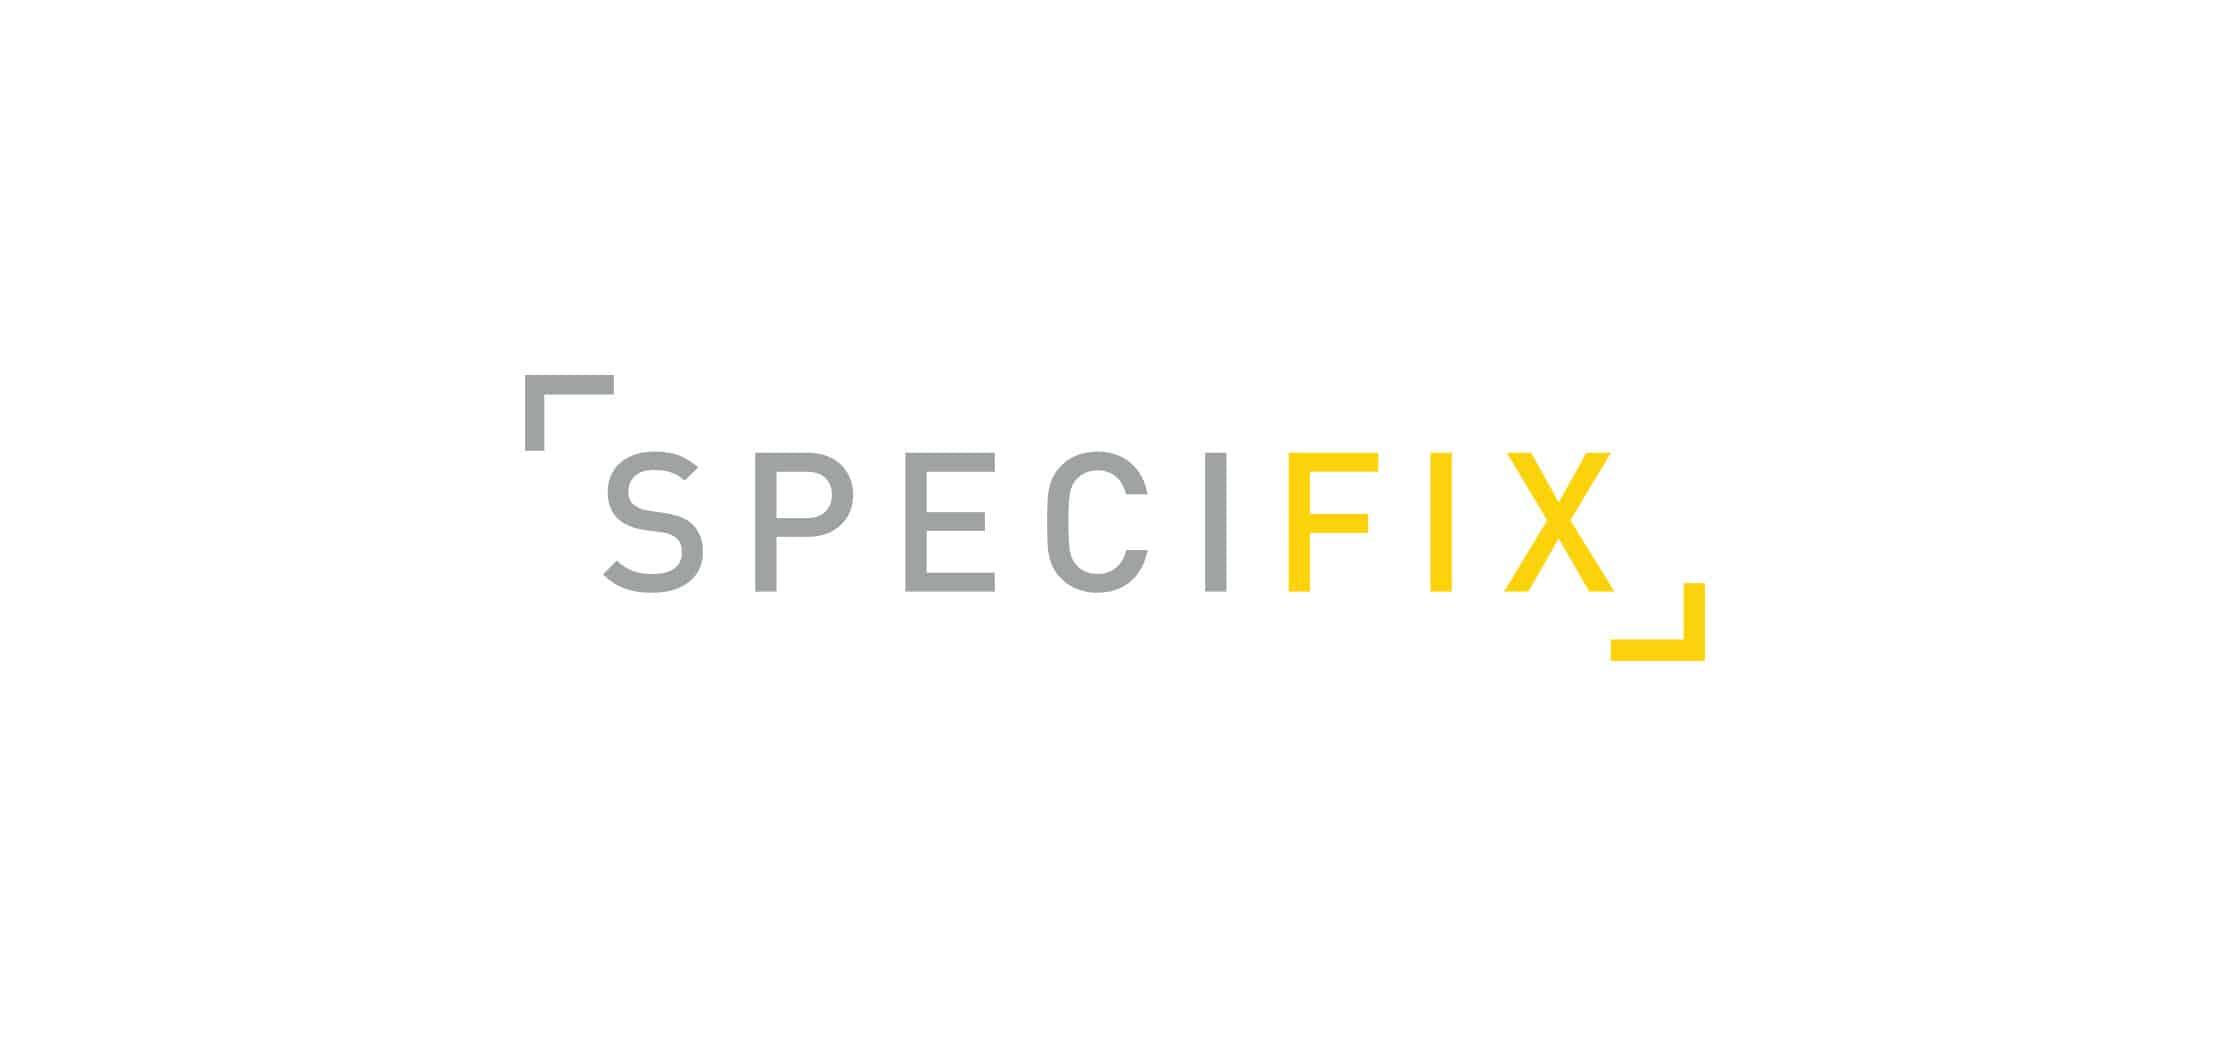 Specifix | Mekanic